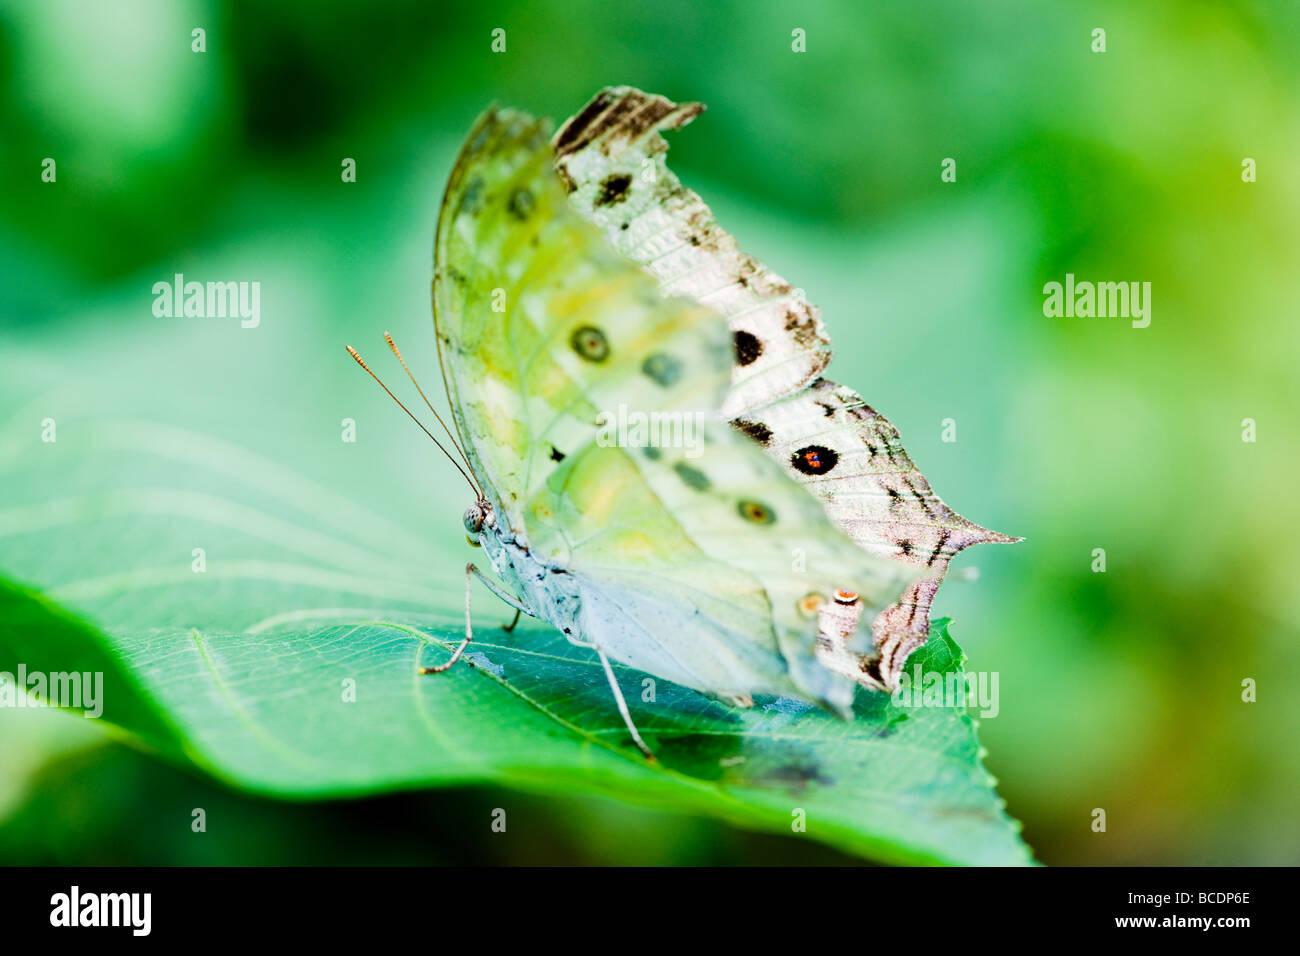 Papillon de lune indienne (lat. actias selene) avec un fond vert se concentre sur l'oeil Banque D'Images